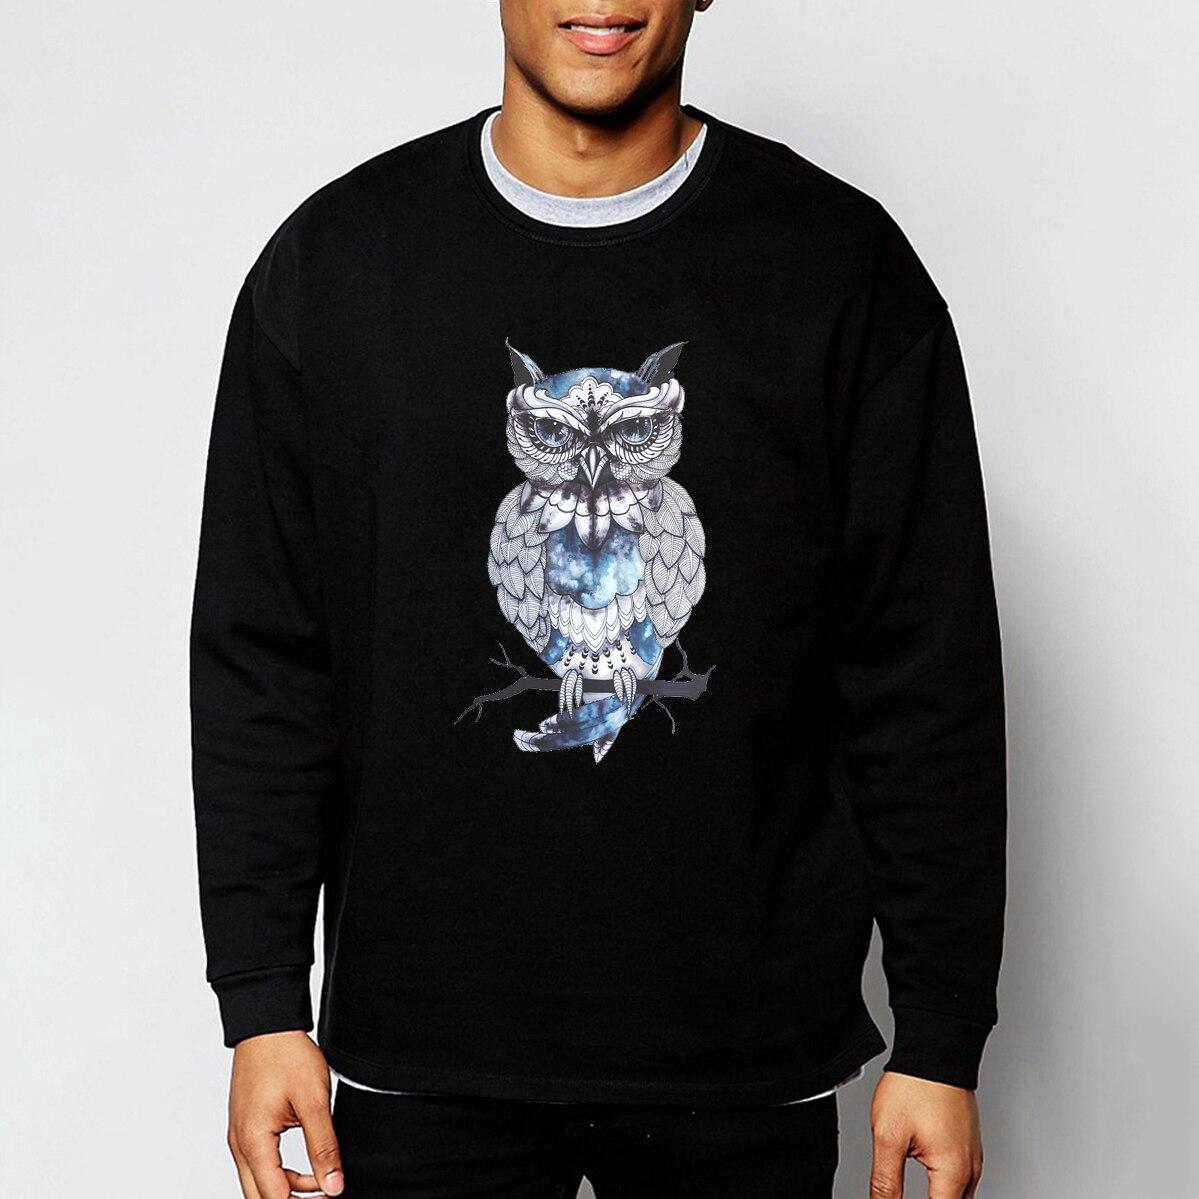 Animal Owl Printed Cartoon Sweatshirts 2019 Spring Autumn Men Hoodie Animal Sweatshirt Mens Hip Hop Streetwear For Adult CM01